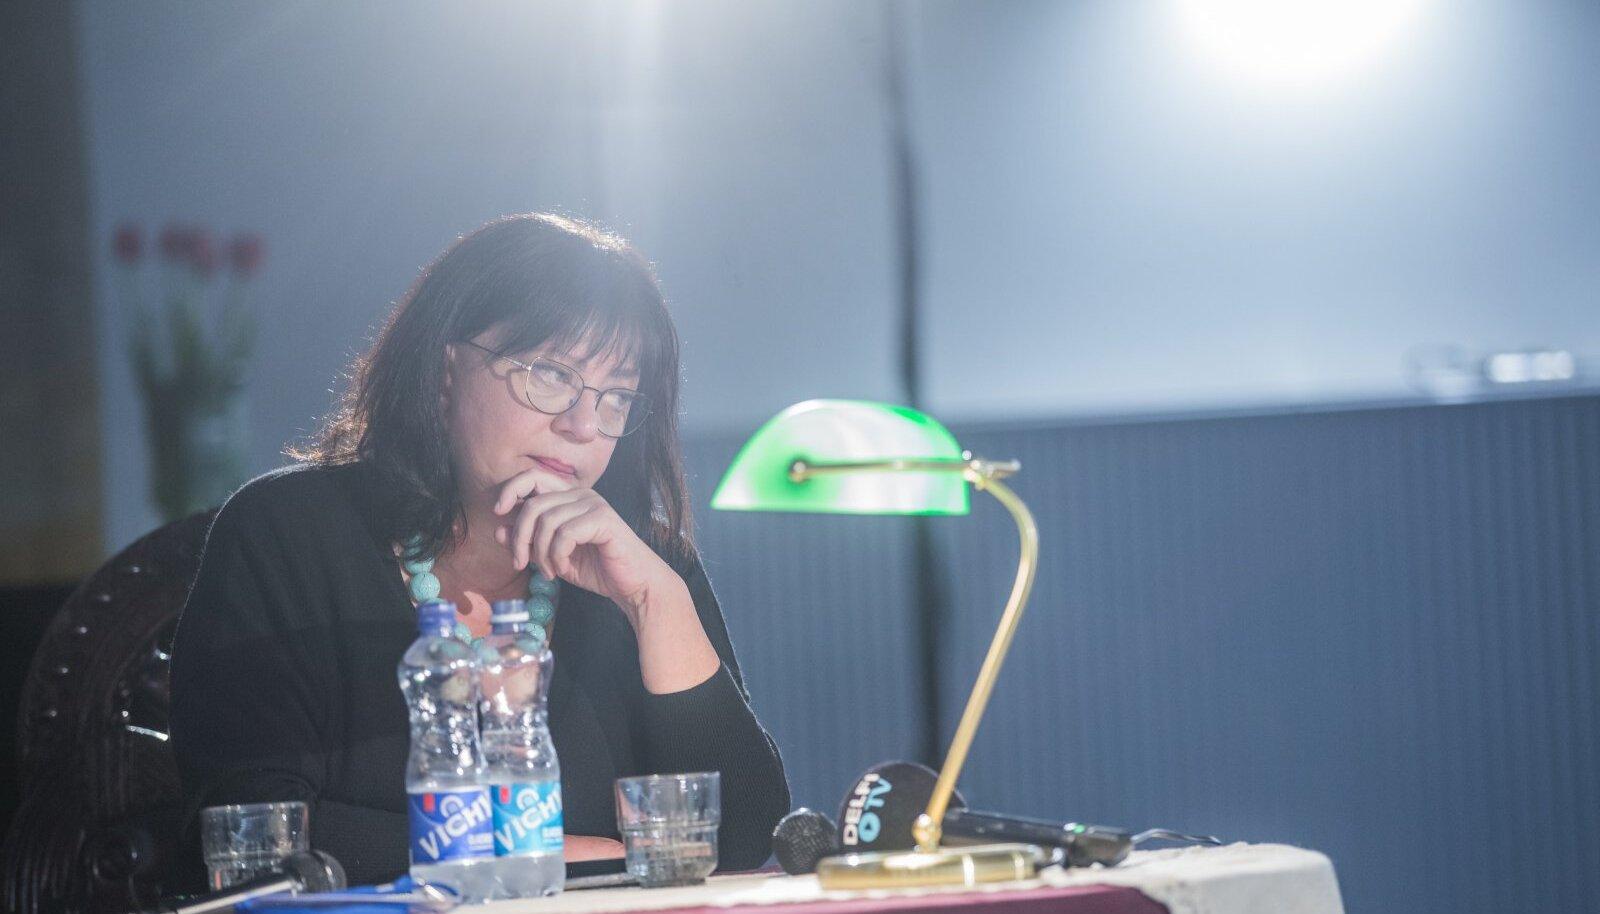 RIKKA KEELEGA INIMENE: Tatjana Tolstaja ülemöödunud aastal kirjandusfestivalil Prima Vista.